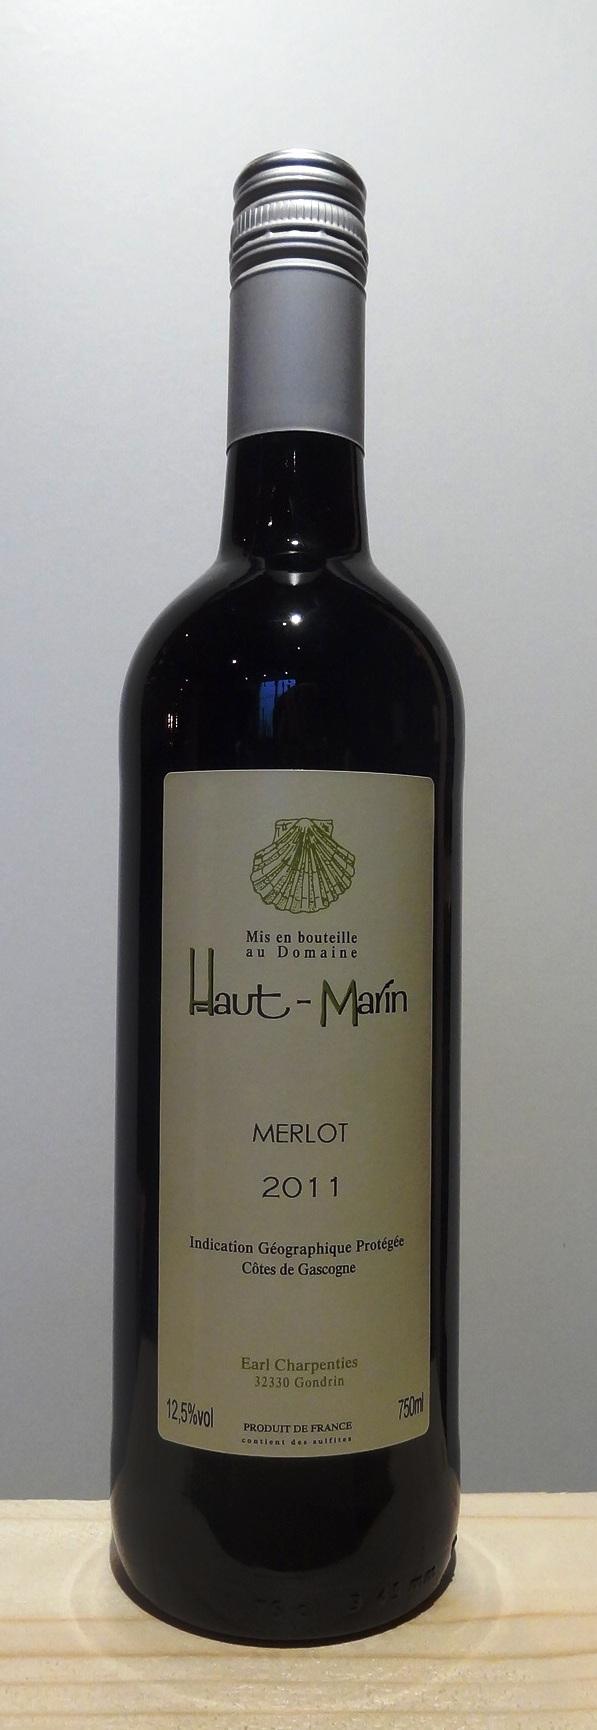 Haut Marin Merlot